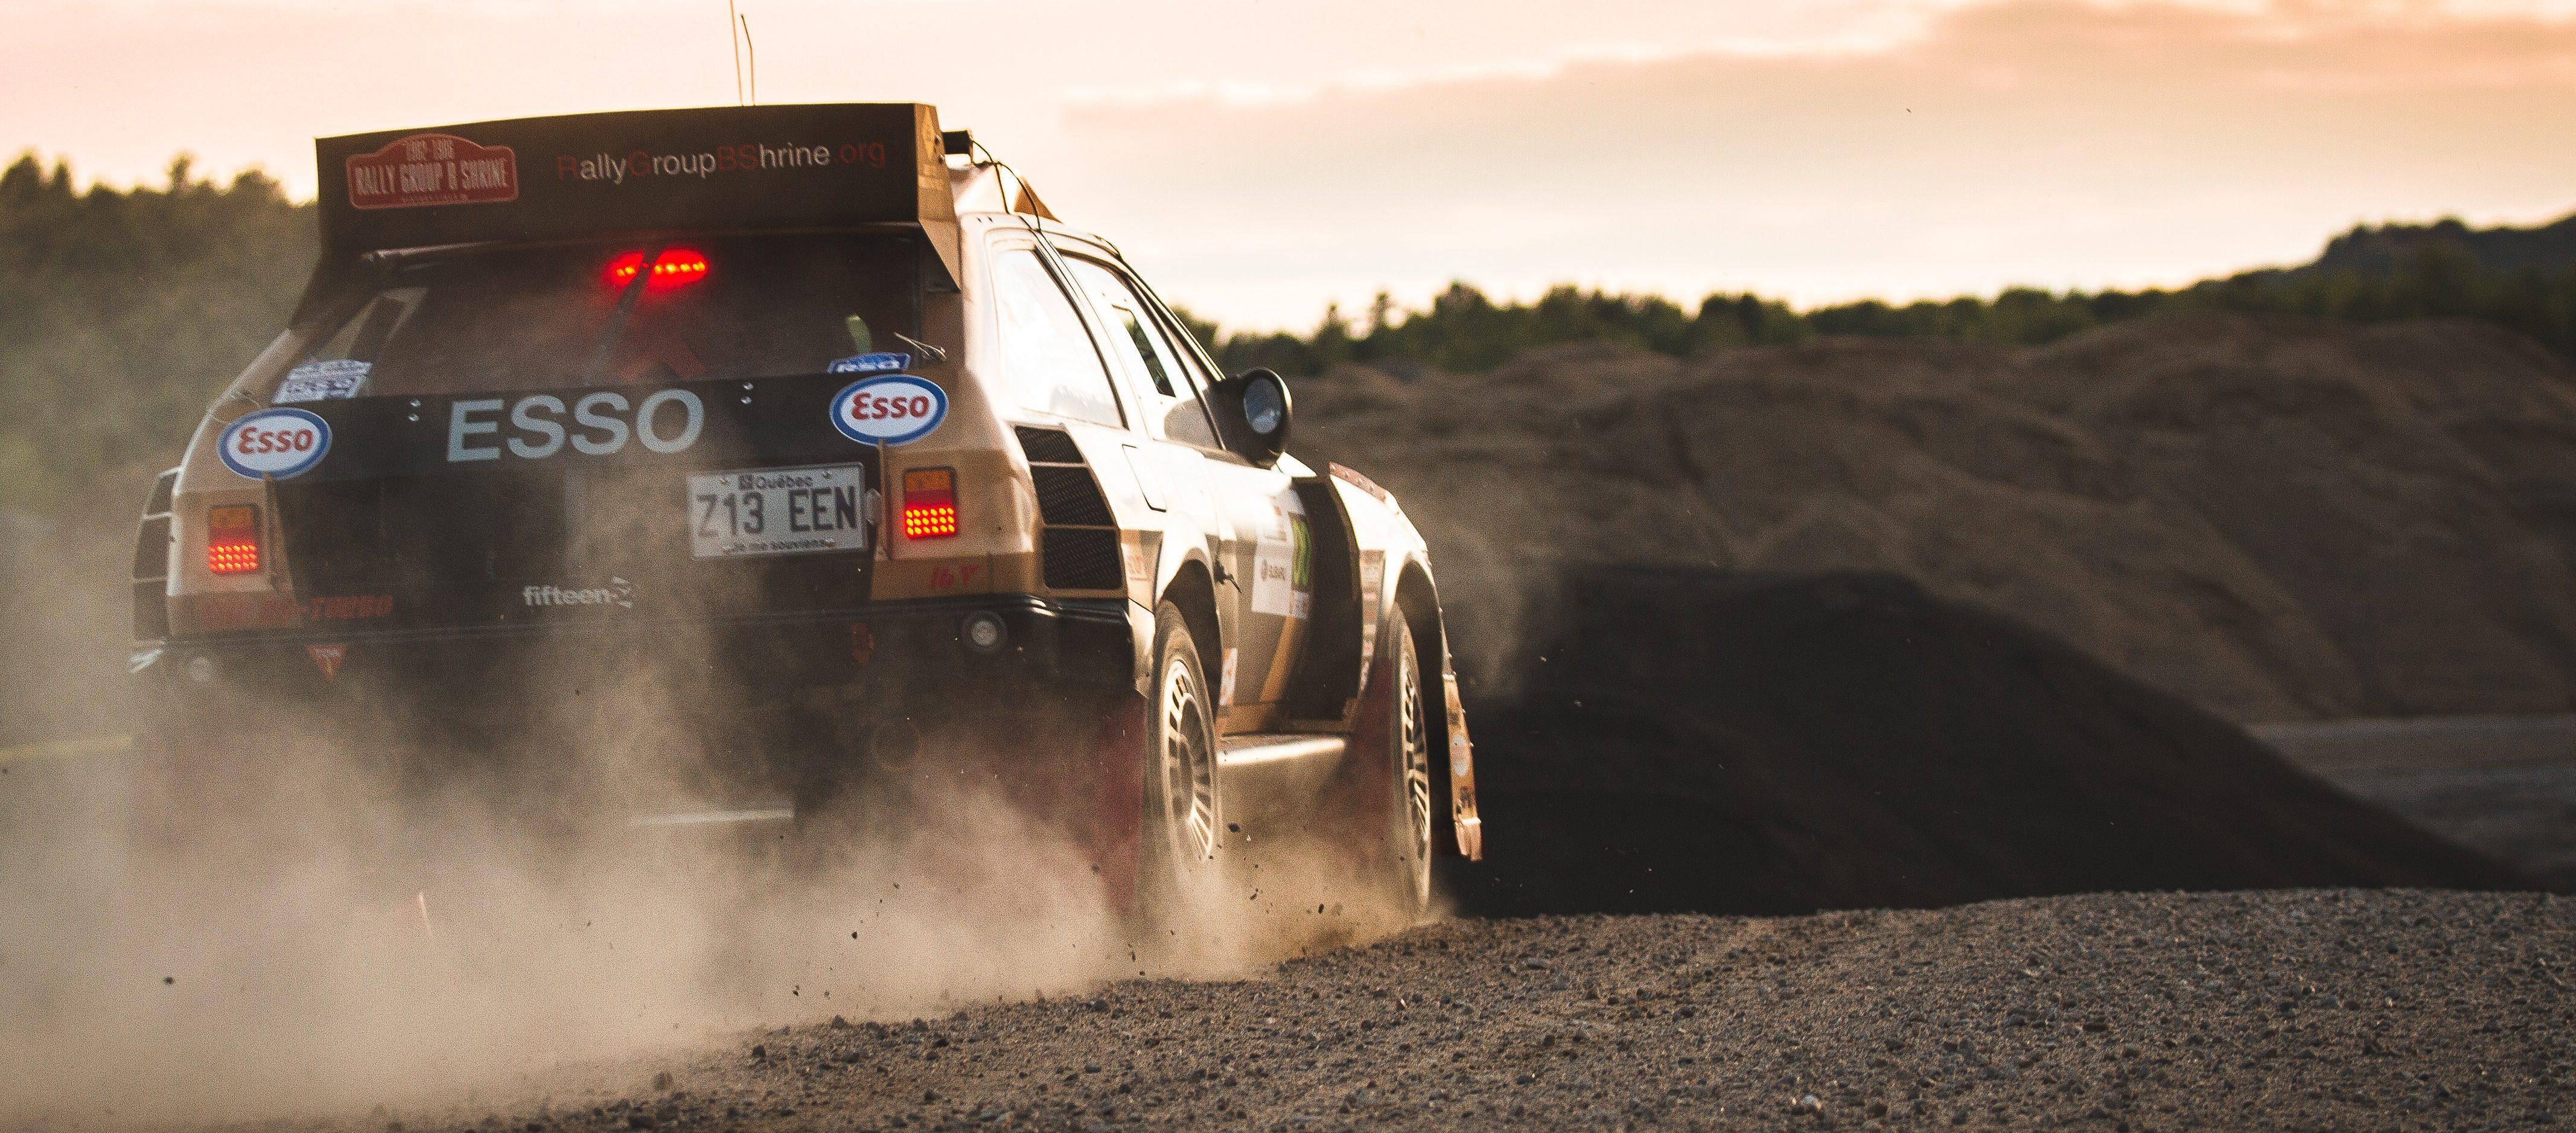 Recce RallySport